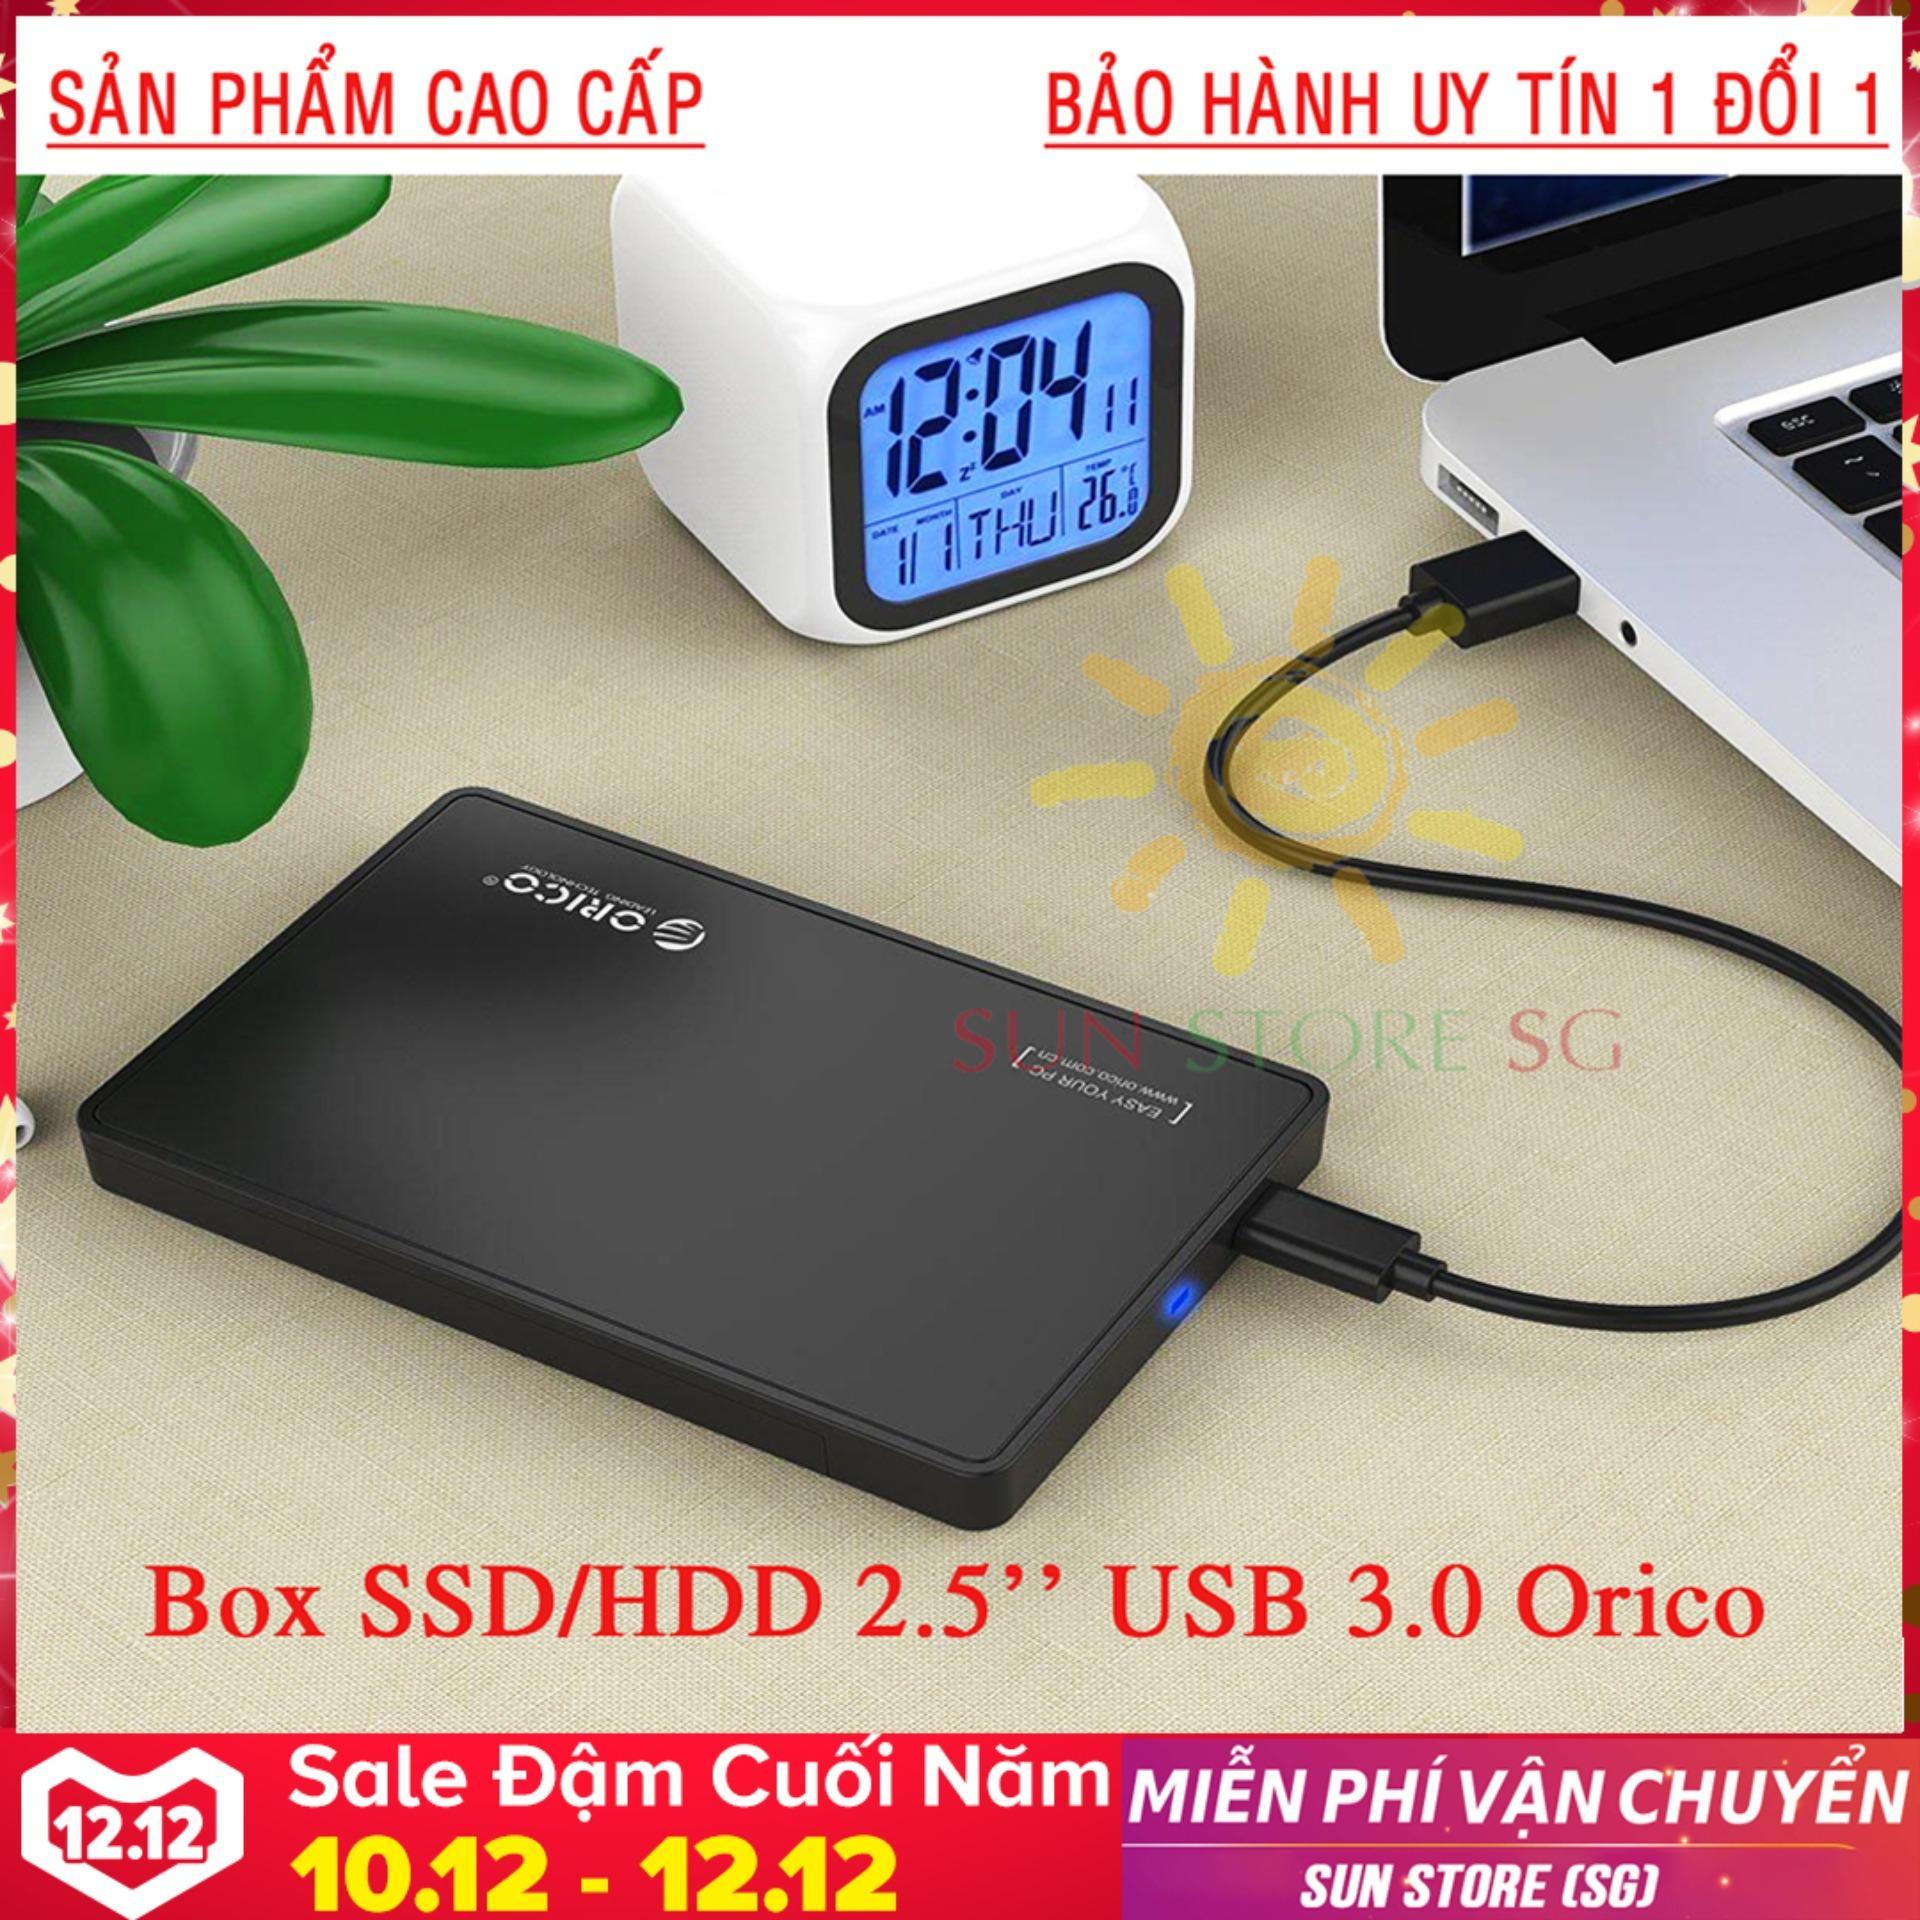 BOX ổ cứng di động  SSD & HDD 2.5″ USB 3.0 Orico Dòng Cao Cấp  Nhập khẩu, phân phối & bảo hành 1 đổi 1 bởi SUN STORE SG